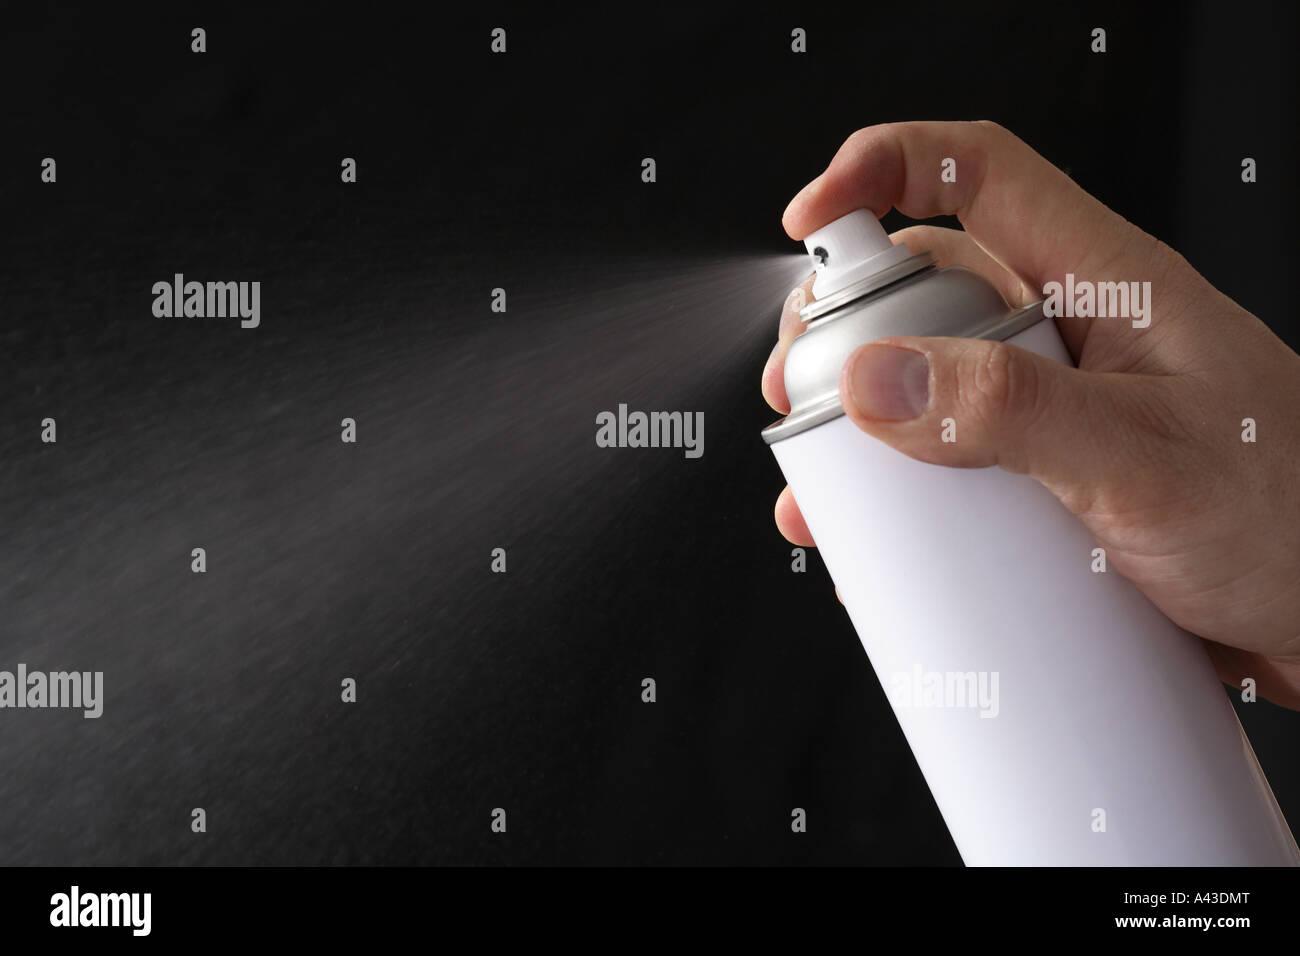 Spraying an aerosol can - Stock Image